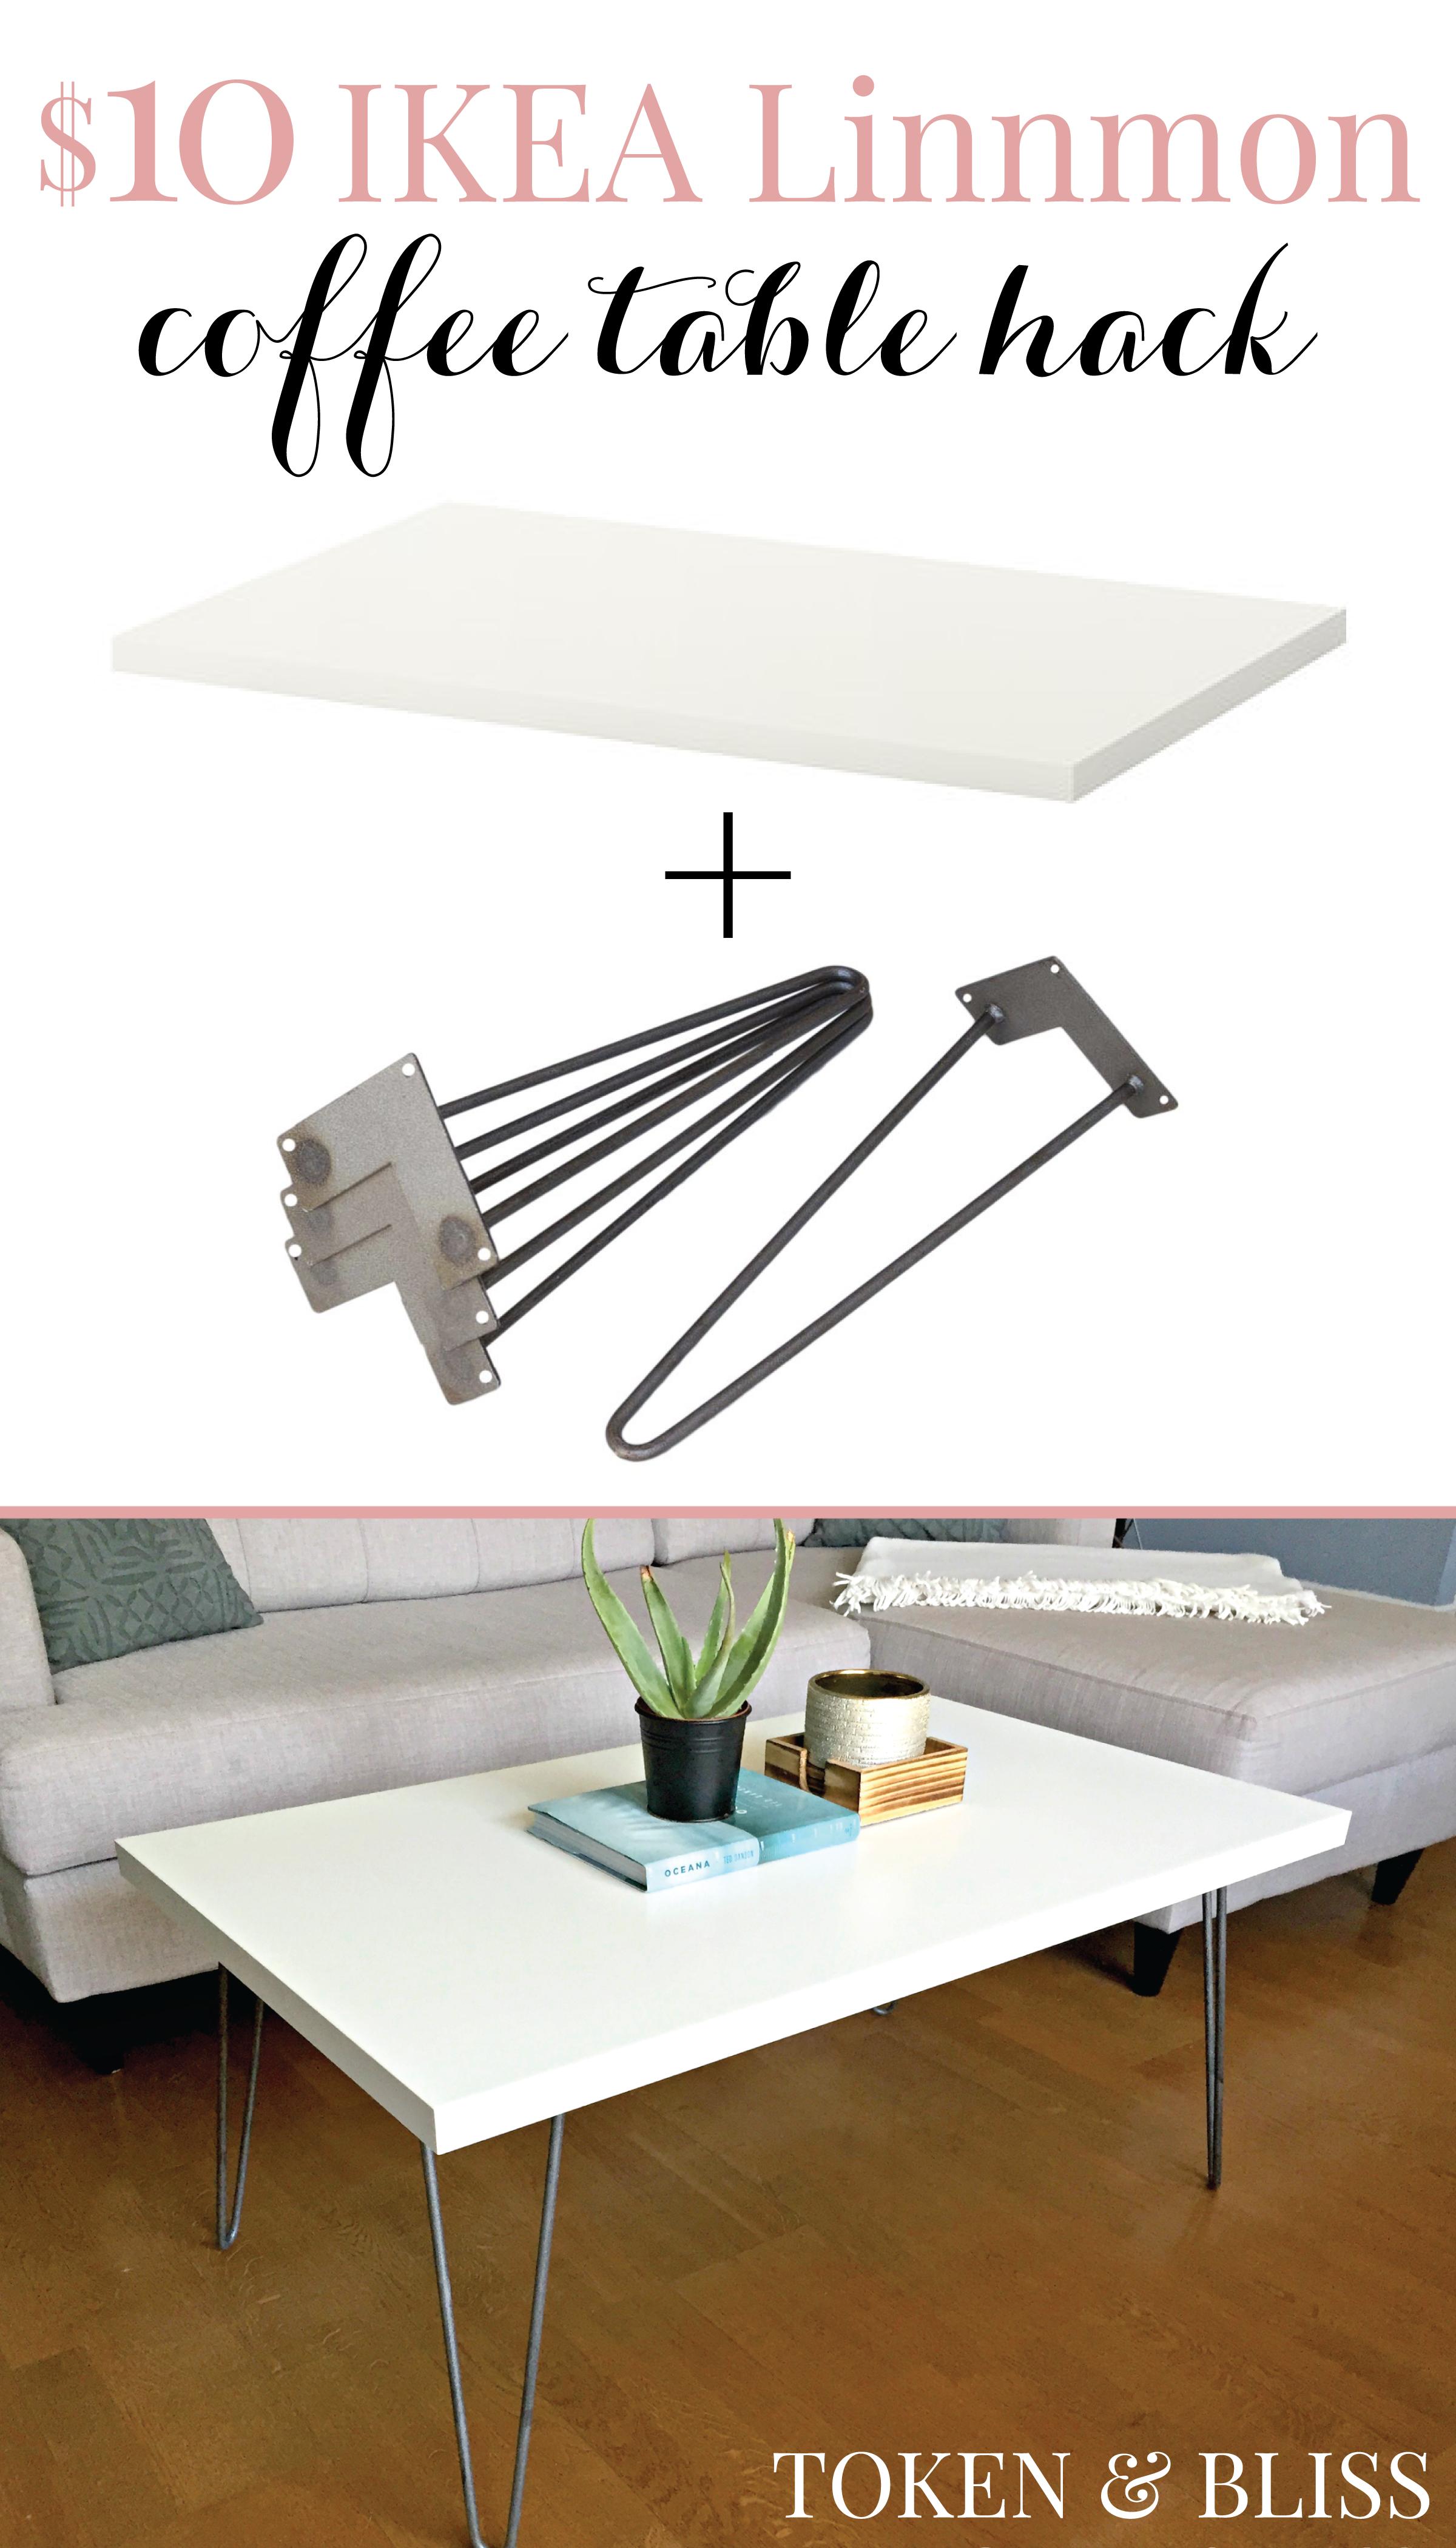 Ikea 10 Linnmon Coffee Table Hack By Token Bliss Coffee Table Hacks Ikea Coffee Table Coffee Table [ 4200 x 2400 Pixel ]